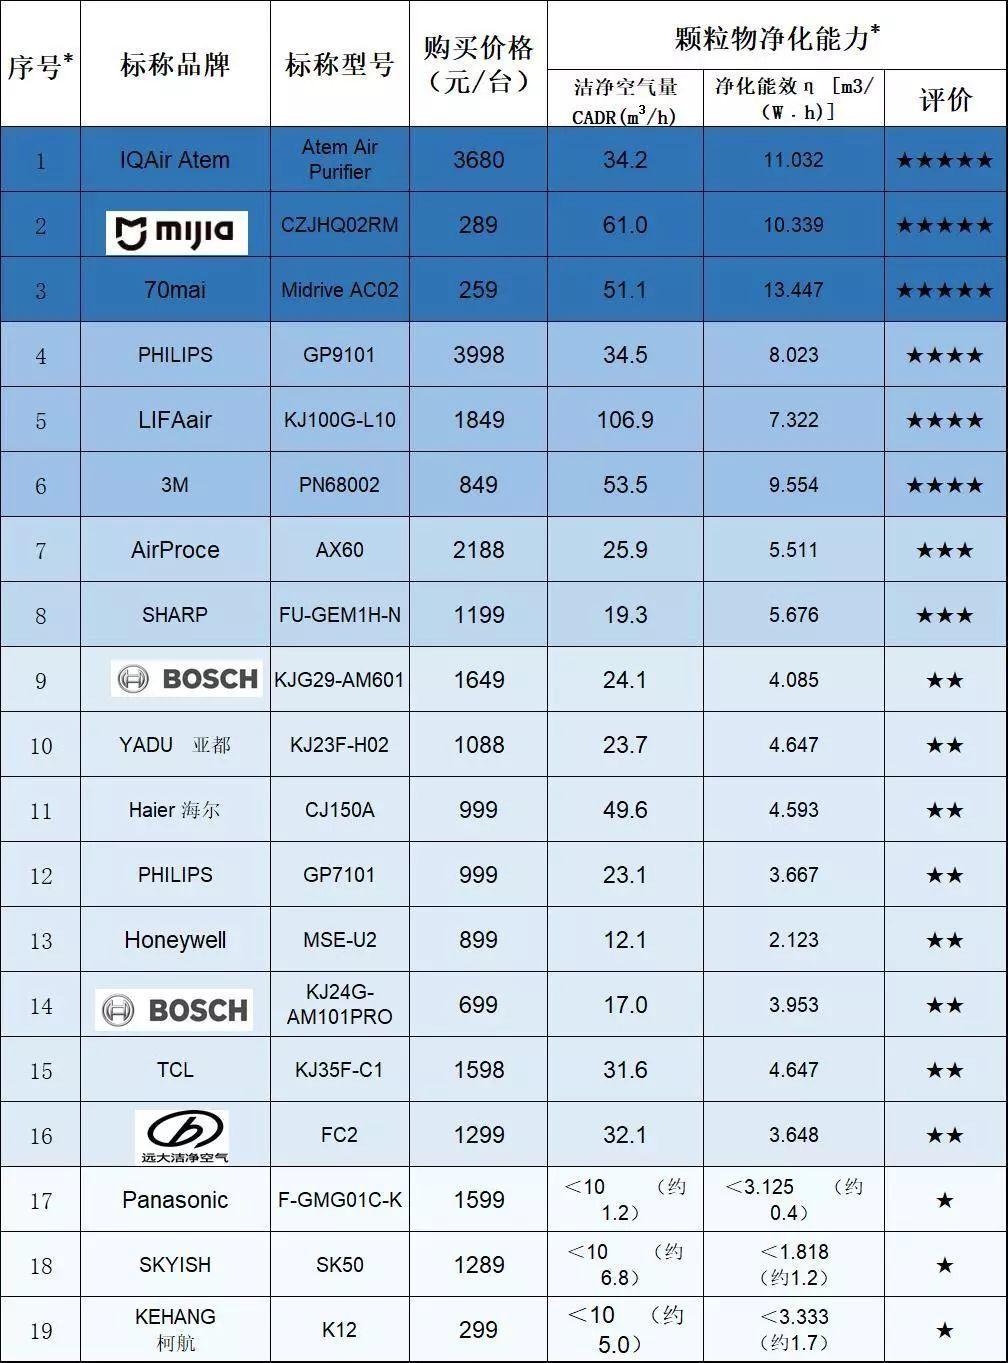 皇888娱乐平台 - 再下一城!水上救生中国选手吴惠敏1分9秒97再破纪录